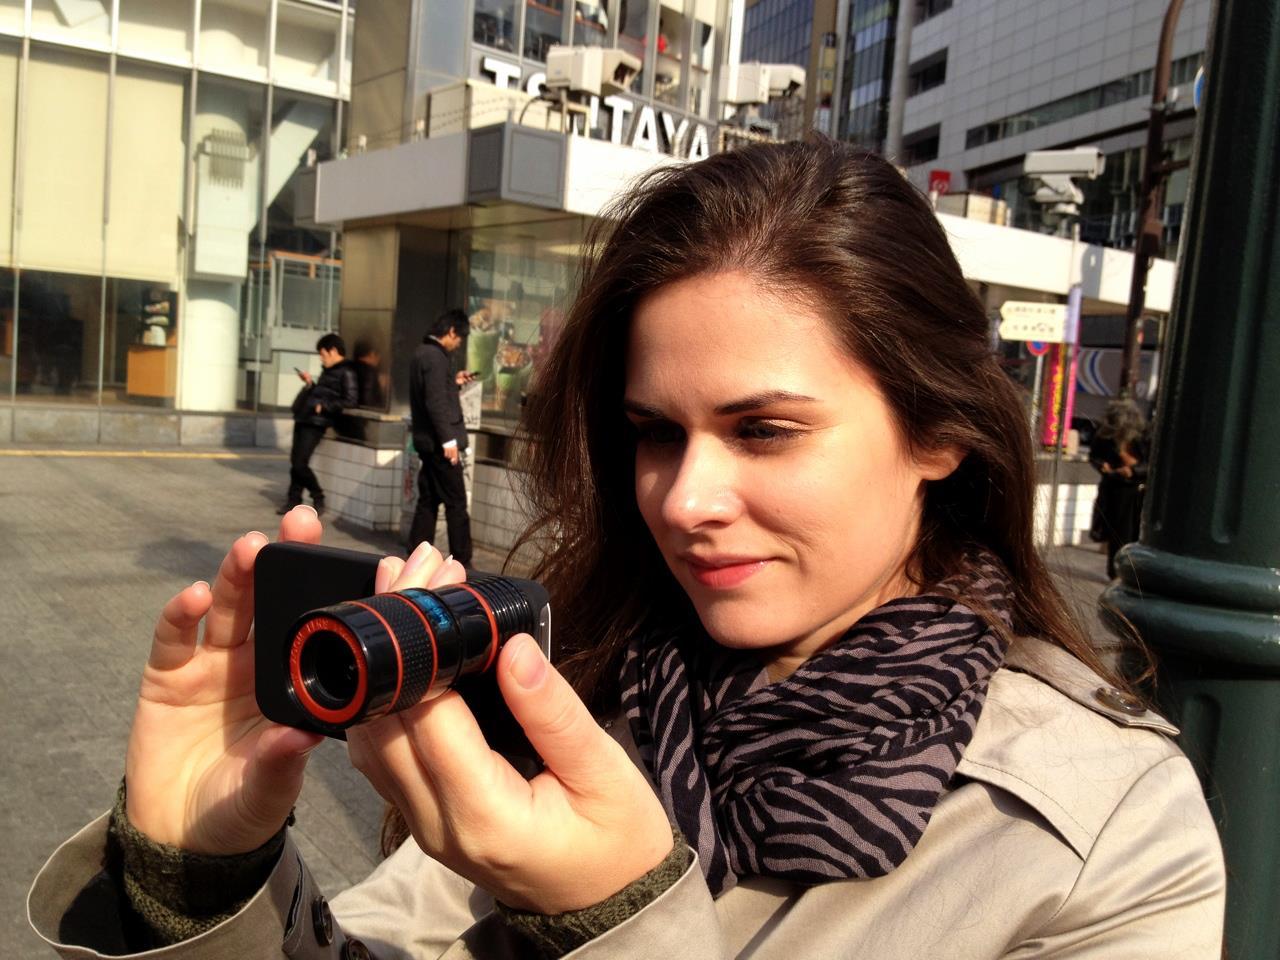 50 giorni, 15 stati e un iPhone: l'avventura di Lisa Bettany